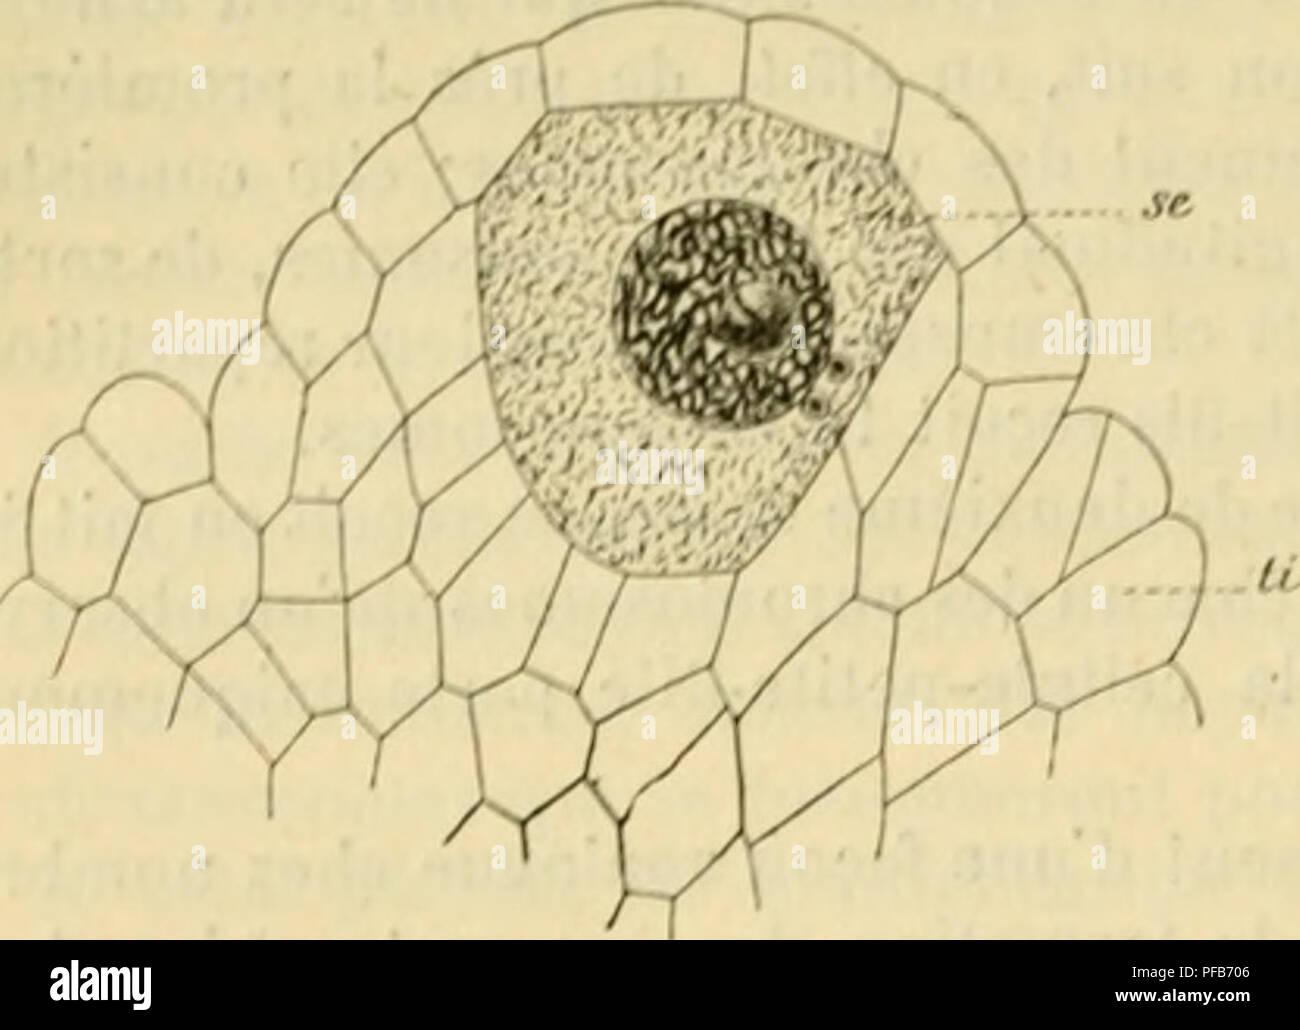 . Dictionnaire de physiologie. Physiology. 2o0 FECON DATION. distul proiid la {ovine, d'un annoau. Lfs enveloppas [iiotoplastniqucs paraissent pro- venir du eor[)S cellulaire, (|iii semble couler, pour ainsi dire, le ion;.' du lilameiil axial (fig. 42 et '?:»). Kfj résuma, il£ par son origine, et malgré sa structure co/upfirjuce cl la (/uasi spontan&ité de ses mouvements, le 'ipermatozoi.de n'est ffti'unc cellule dont le noyau possède une frarlian de chromatine en comparaison du noi/au d'une cellule somalirpie. IV. Valeur cellulaire de l'ovule. — /i.Ooaphére ou ovule des végétaux supérieur - Stock Image